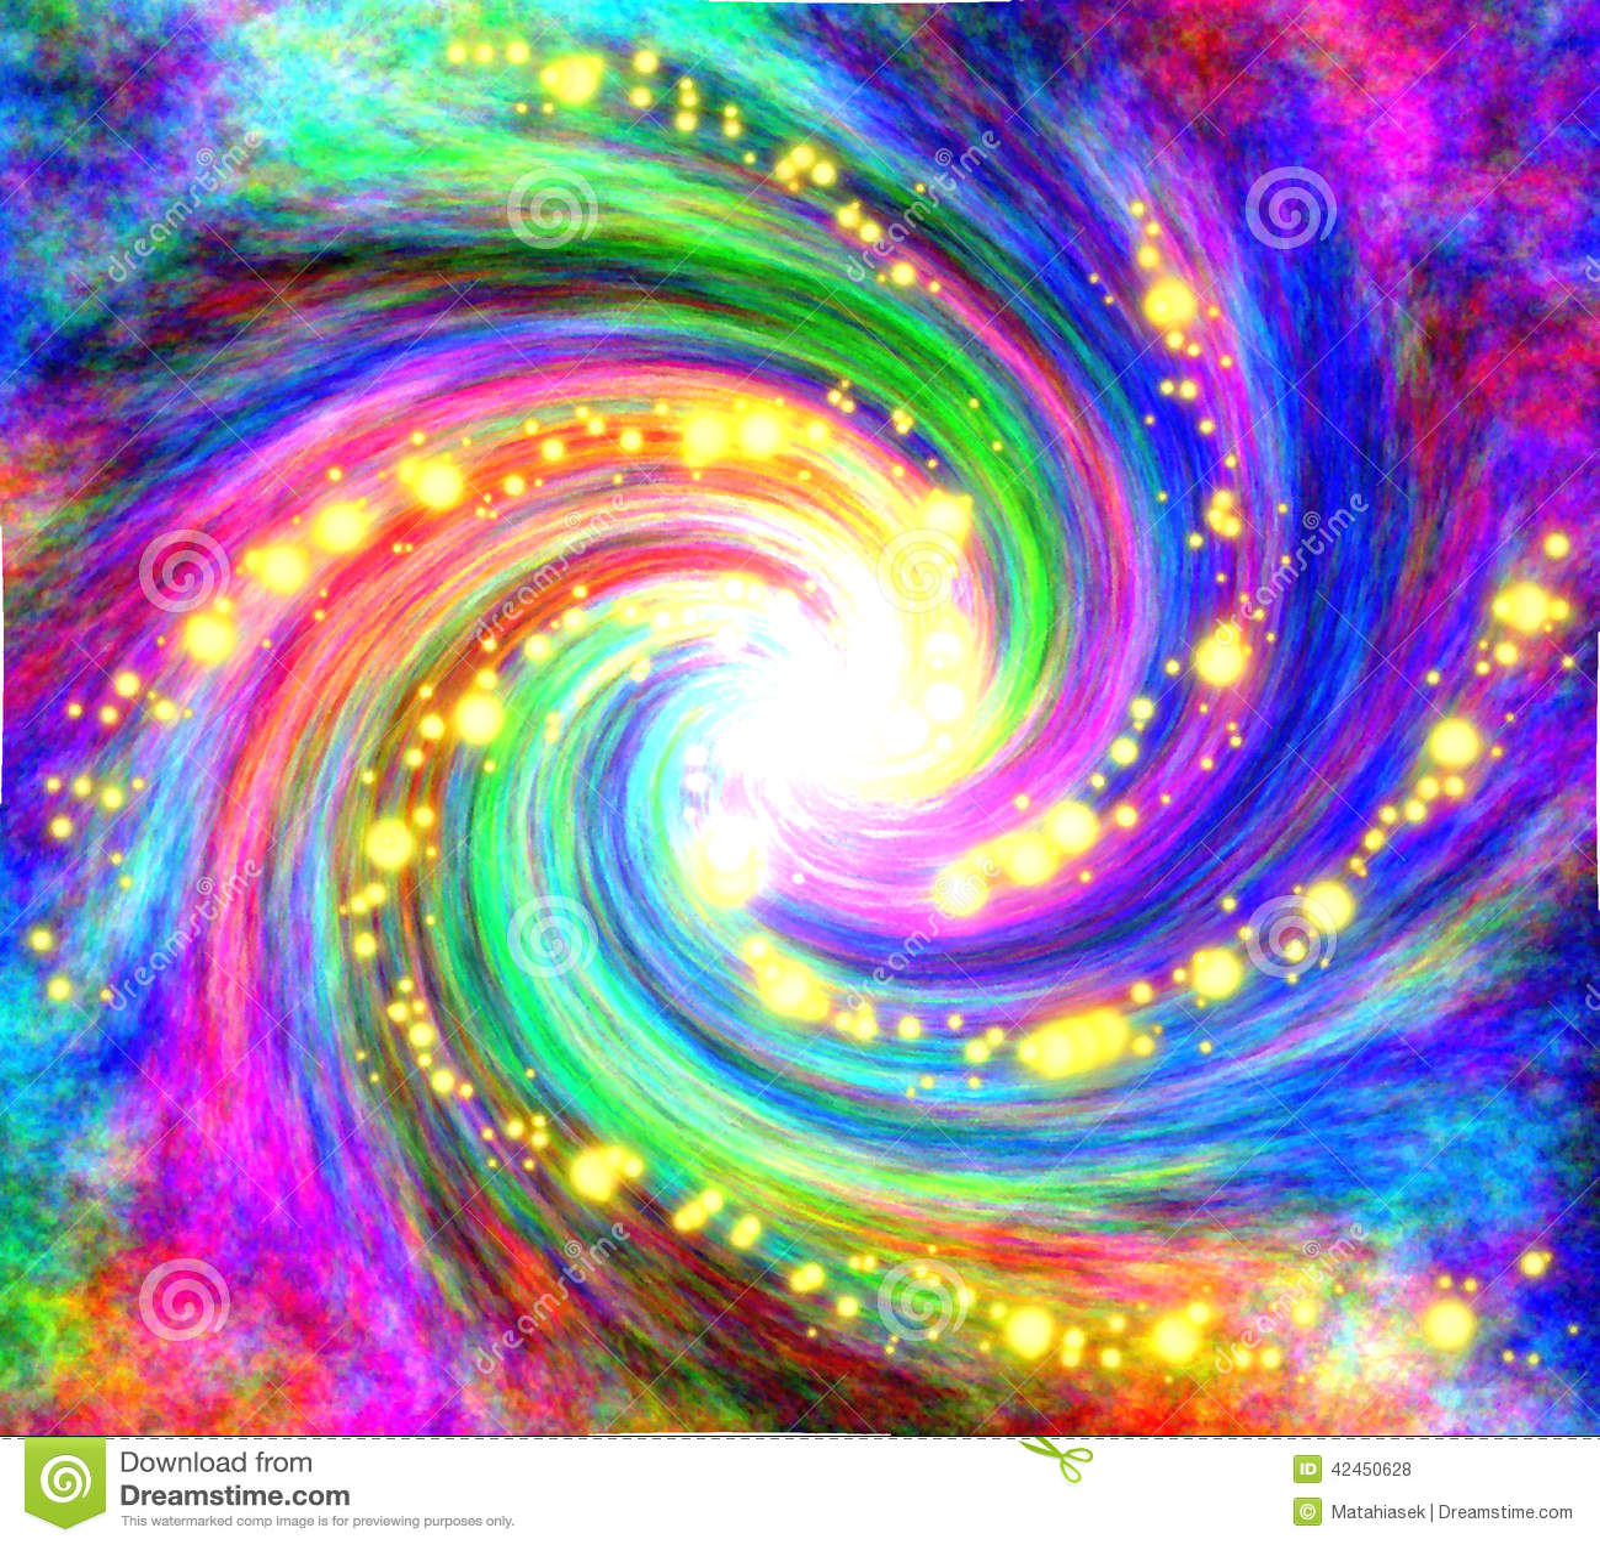 Attractive Papier Peint Galaxie #2: Papier-peint-en-spirale-magique-dans-des-couleurs-barioles-42450628.jpg